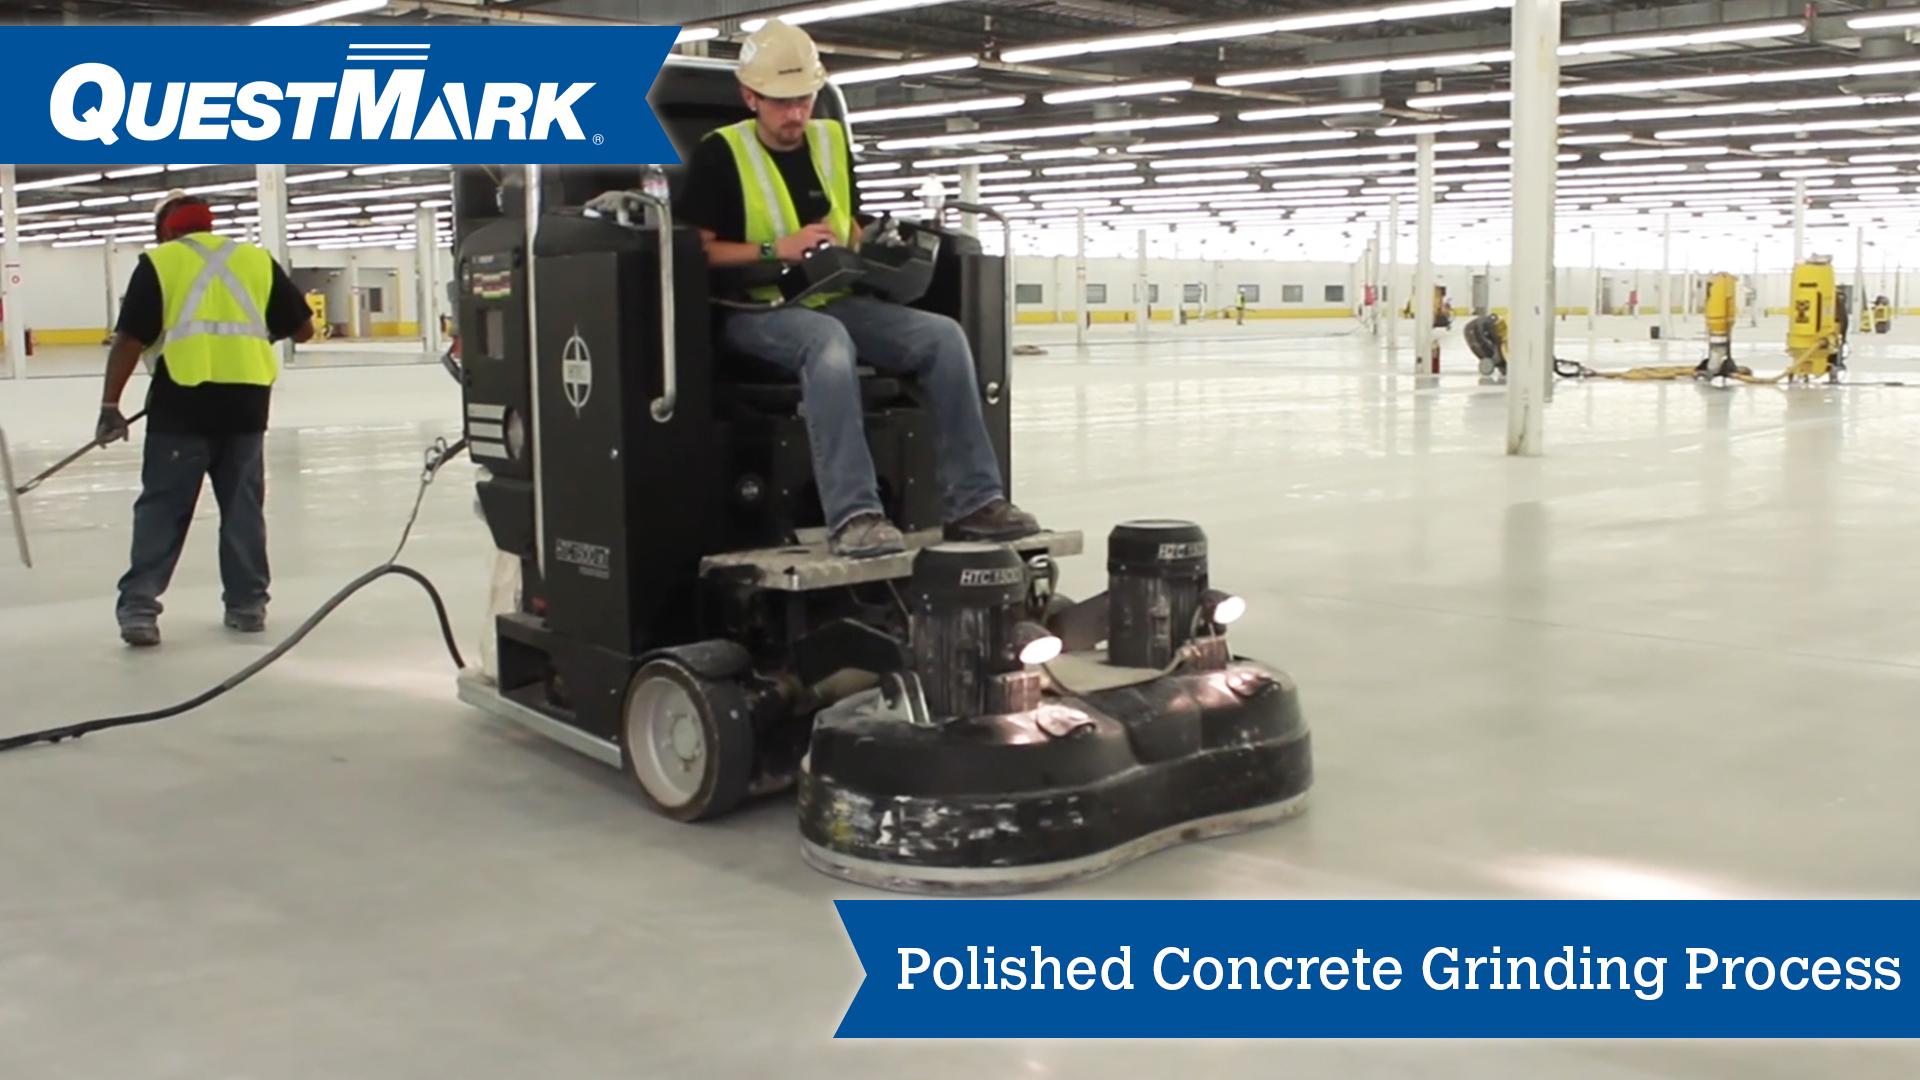 Polished Concrete Grinding Process Concrete Floor Grinder Diamondquest Questmark